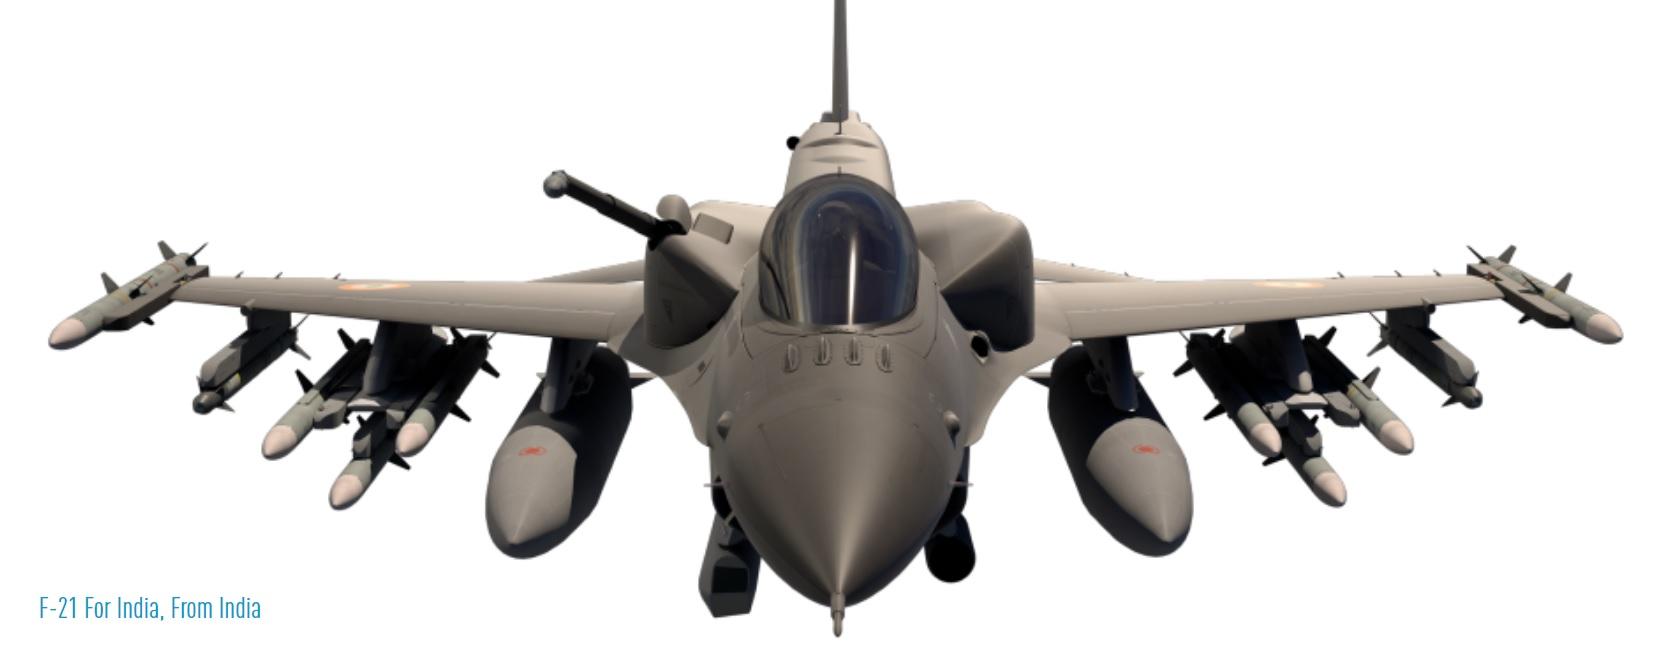 Lockheed Martin переименовала истребитель F-16 для Индии в F-21